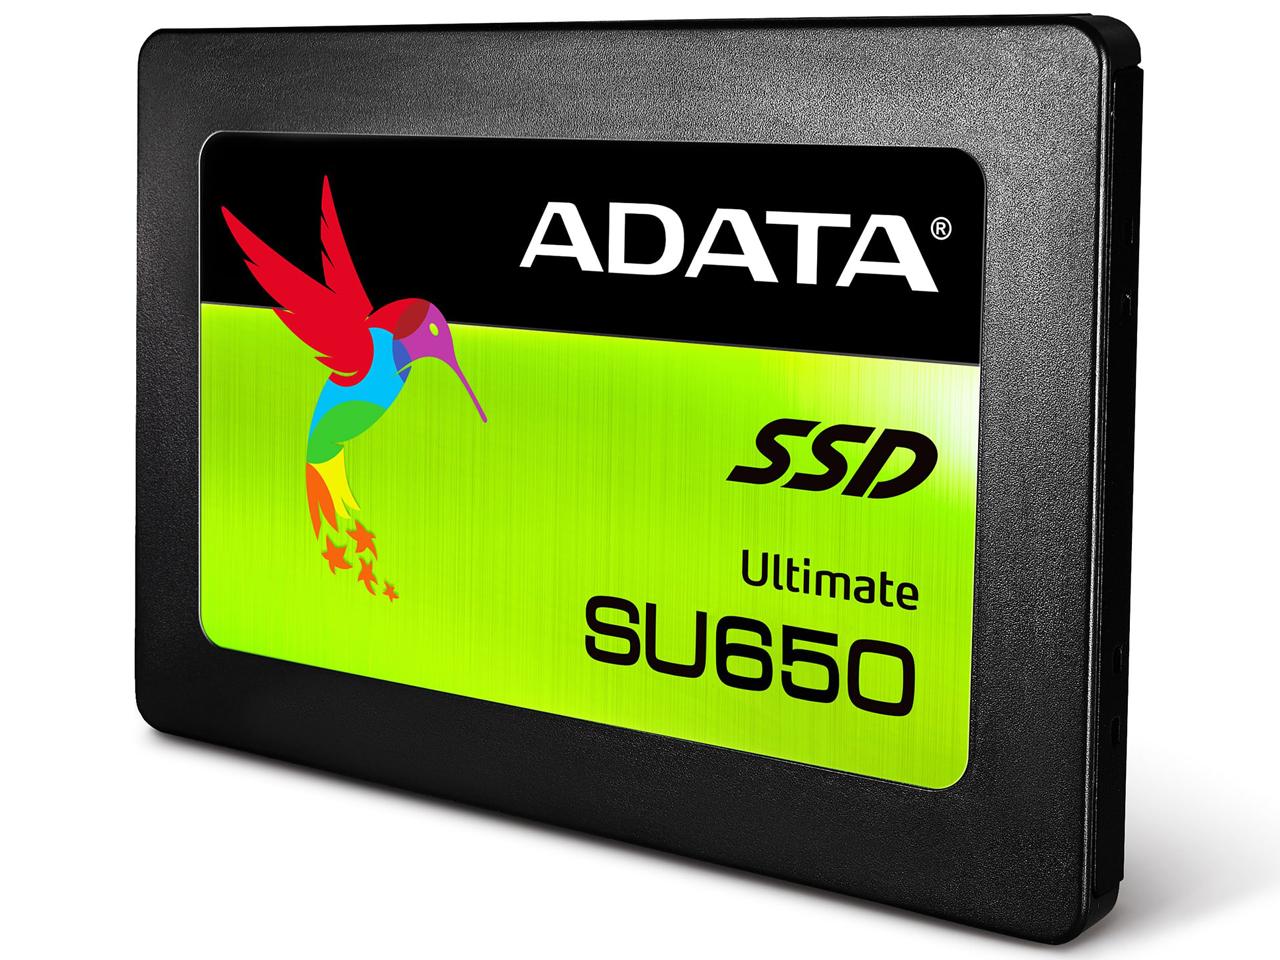 『本体1』 Ultimate SU650 ASU650SS-240GT-C の製品画像